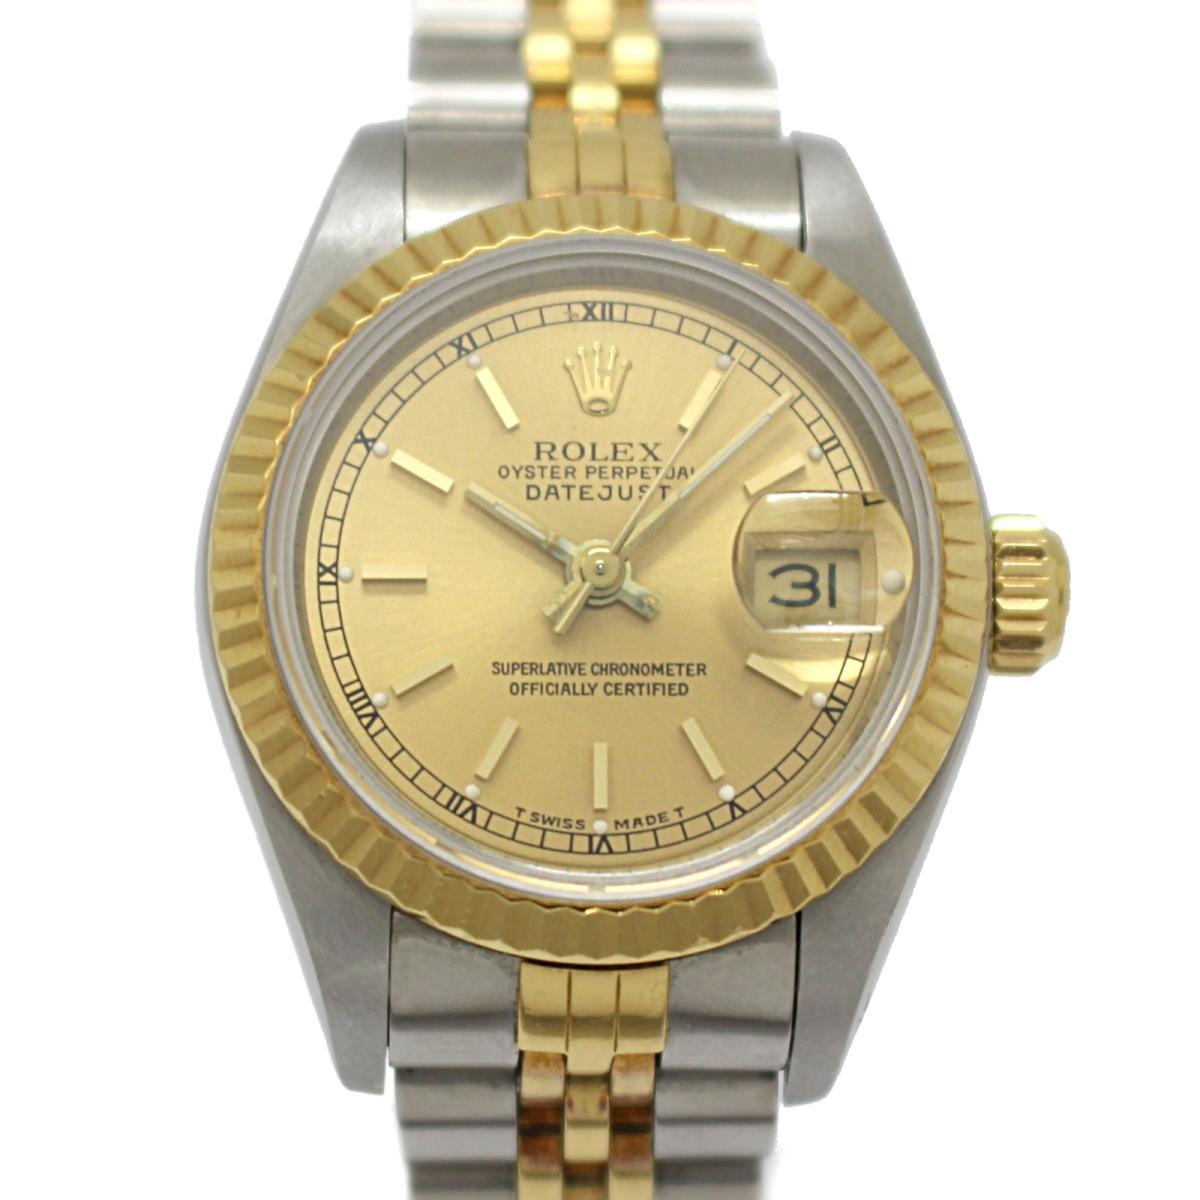 デイトジャスト レディースウォッチ 腕時計/SALE